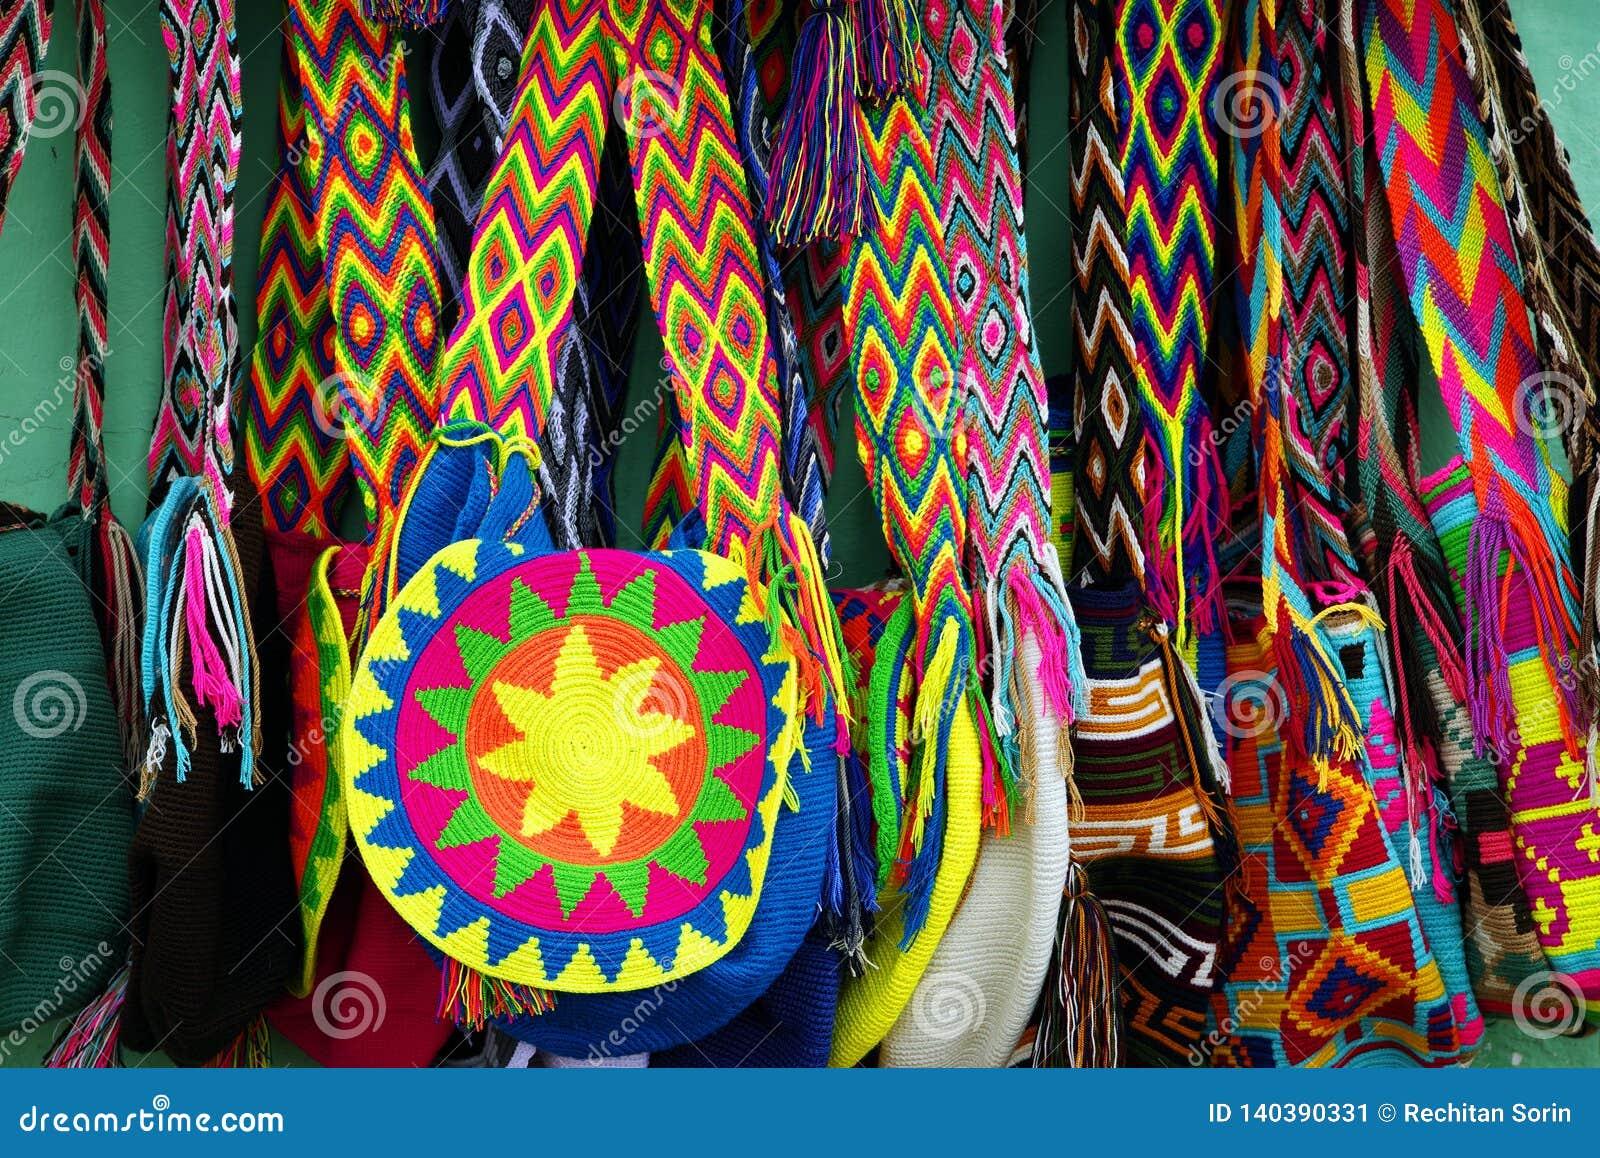 GUATAPE, ANTIOQUIA, КОЛУМБИЯ, 8-ОЕ АВГУСТА 2018: Яркие и красочные ручной работы сувениры от деревни Guatape